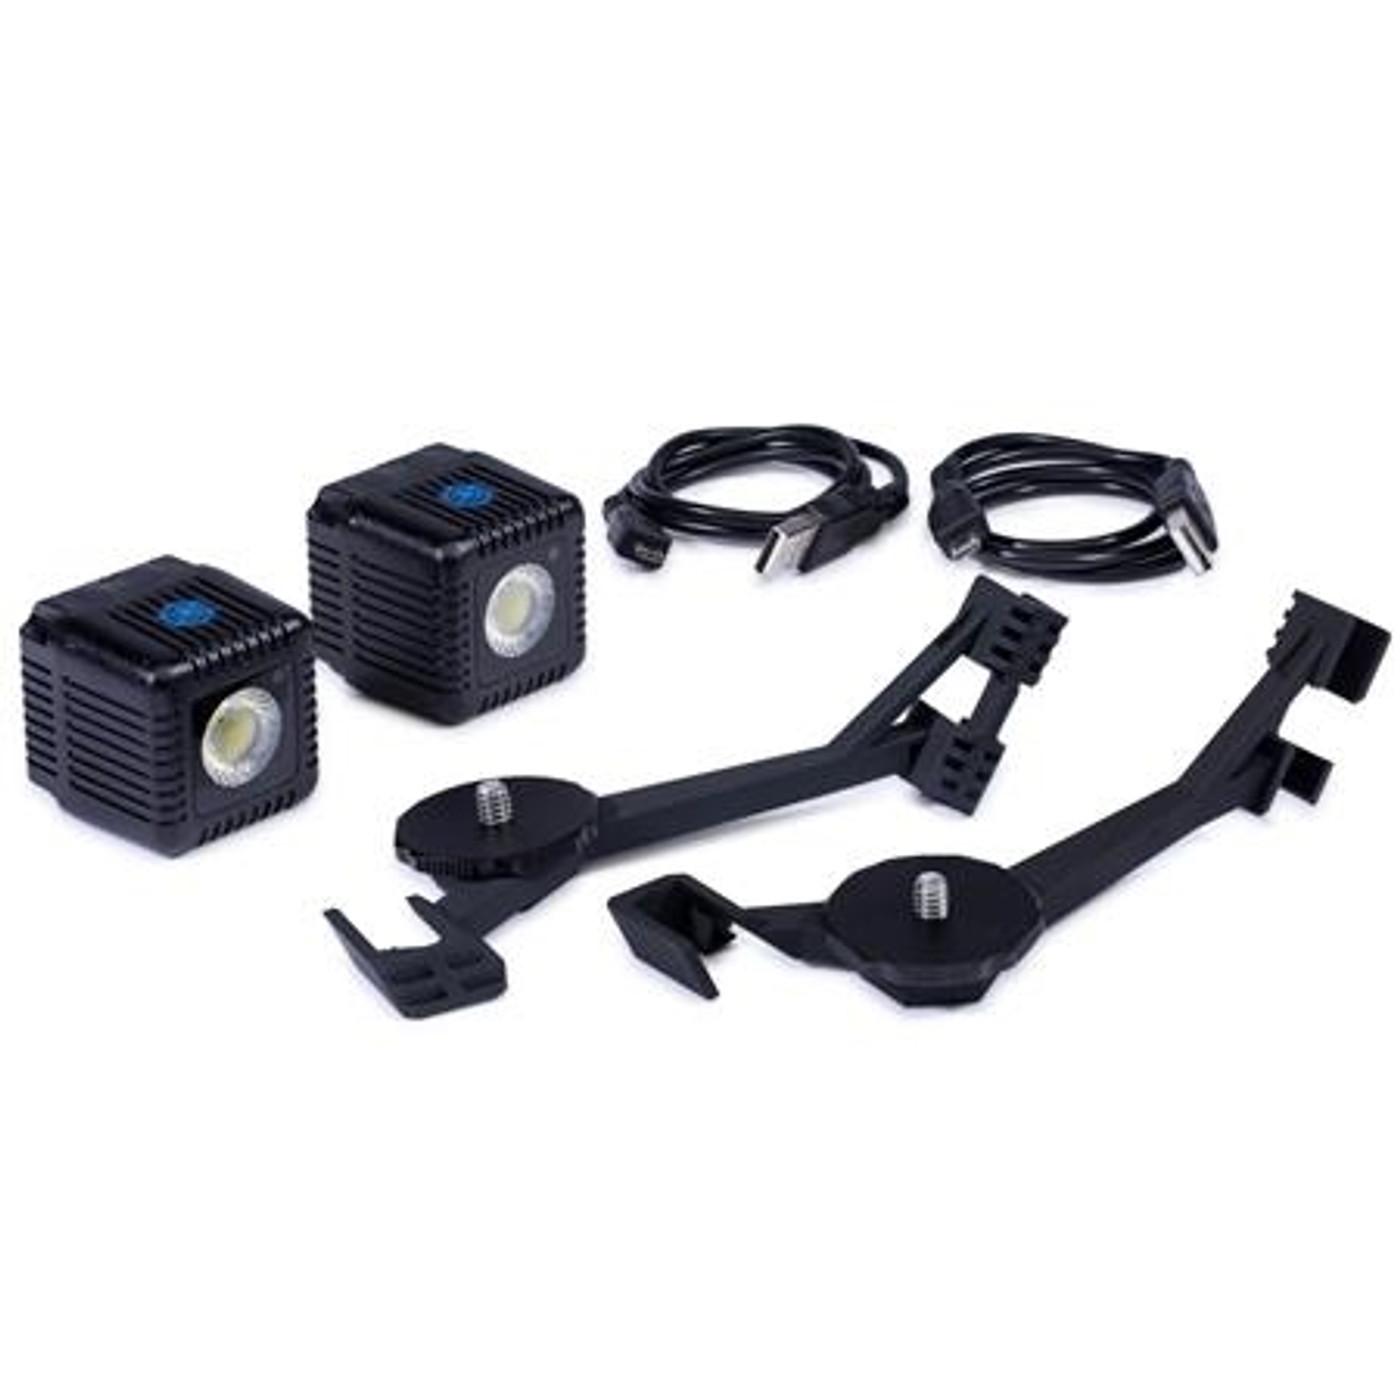 Lume Cube Kit for DJI Mavic 2